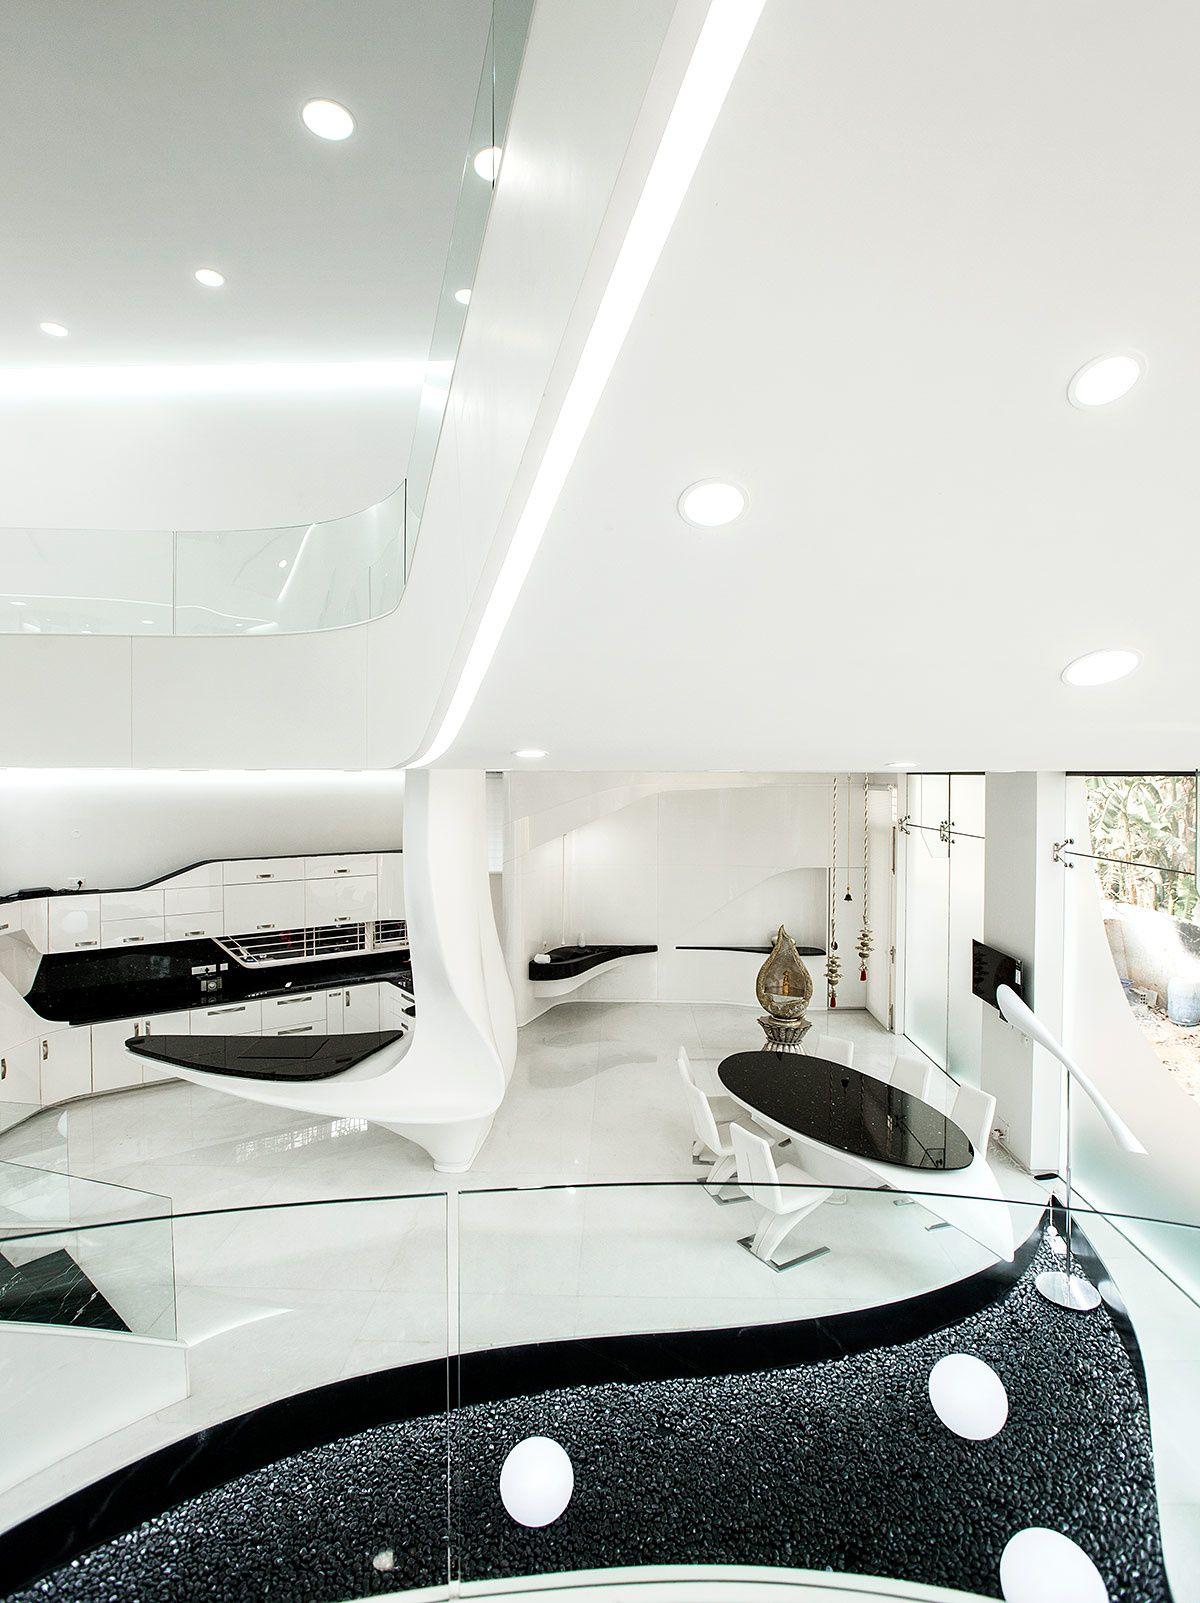 Casa elástica por Cadence Architects | Propósito, Indio y Ondas